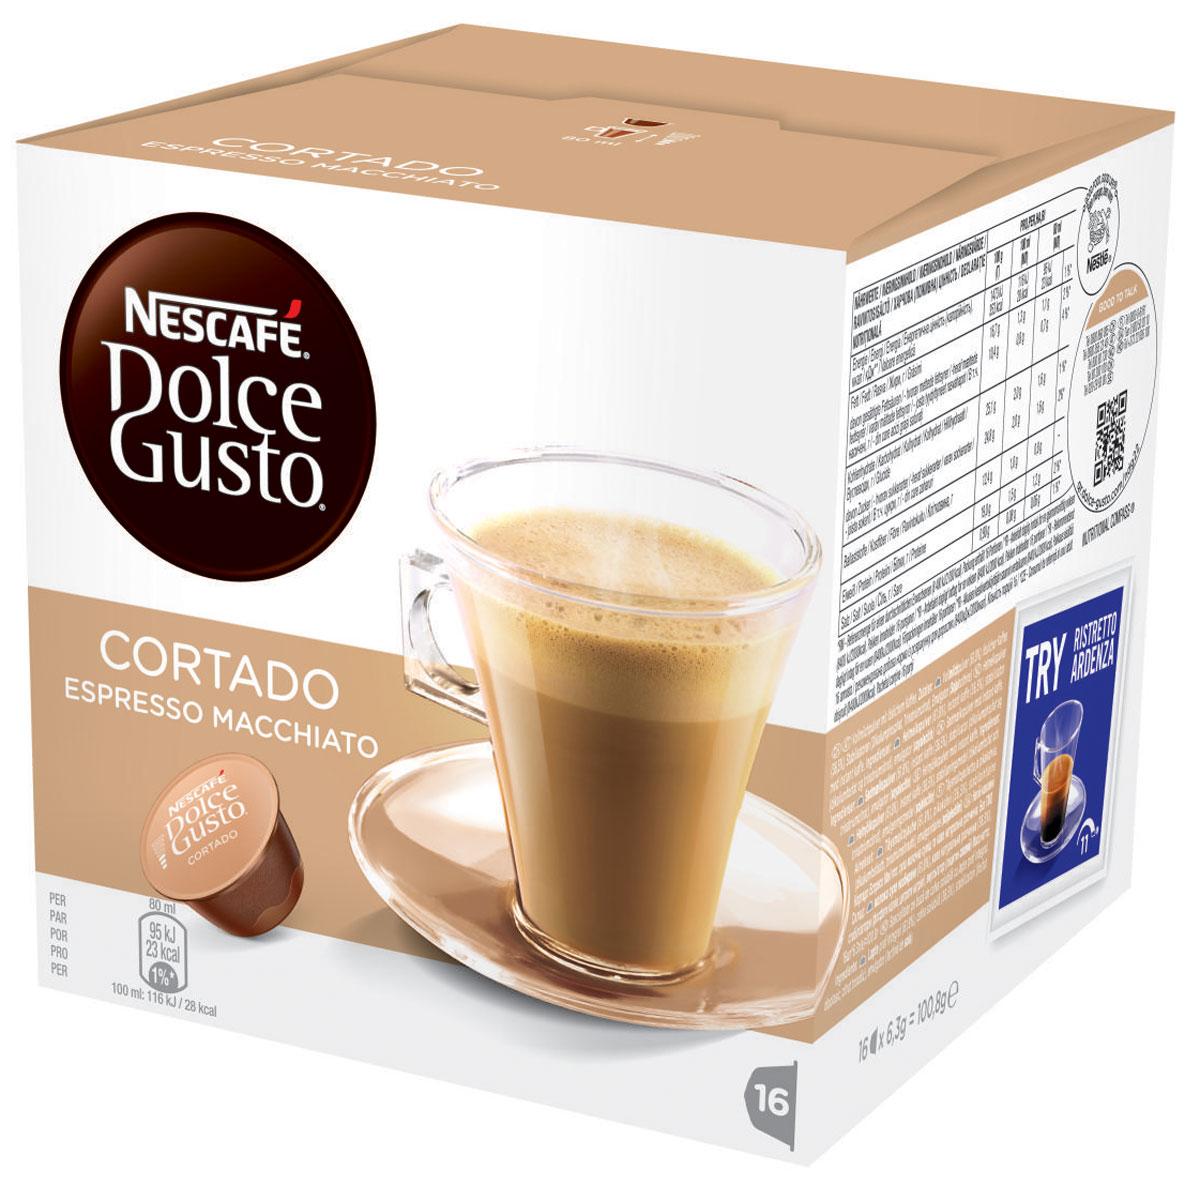 Nescafe Dolce Gusto Cortado (эспрессо с молоком) кофе в капсулах, 16 шт101246Теплые и богатые напитки эспрессо макиато абсолютно изумительны. Испанцы называют их Cortado. Nescafe называет их вкусняшки.Эти продуманные напитки состоят из богатой композиции кофе и молока – все в одной капсуле. Идеальные для употребления на ходу или для долгого смакования в любое время дня – эти напитки эспрессо будут великолепным дополнением к любой кофейной коллекции.Натуральные, с ярким ароматом, капсулы эспрессо макиато сохраняют аппетитную насыщенность классического эспрессо, а молоко добавляет напитку нечто особенное. Бархатистая пенка – обязательное украшение для любого эспрессо, а у этого кофе она имеет фантастический вкус с самого первого глотка. Но самое лучшее то, что этот кофе чрезвычайно просто приготовить, поскольку и молоко, и композиция эспрессо искусно смешаны в одной капсуле.